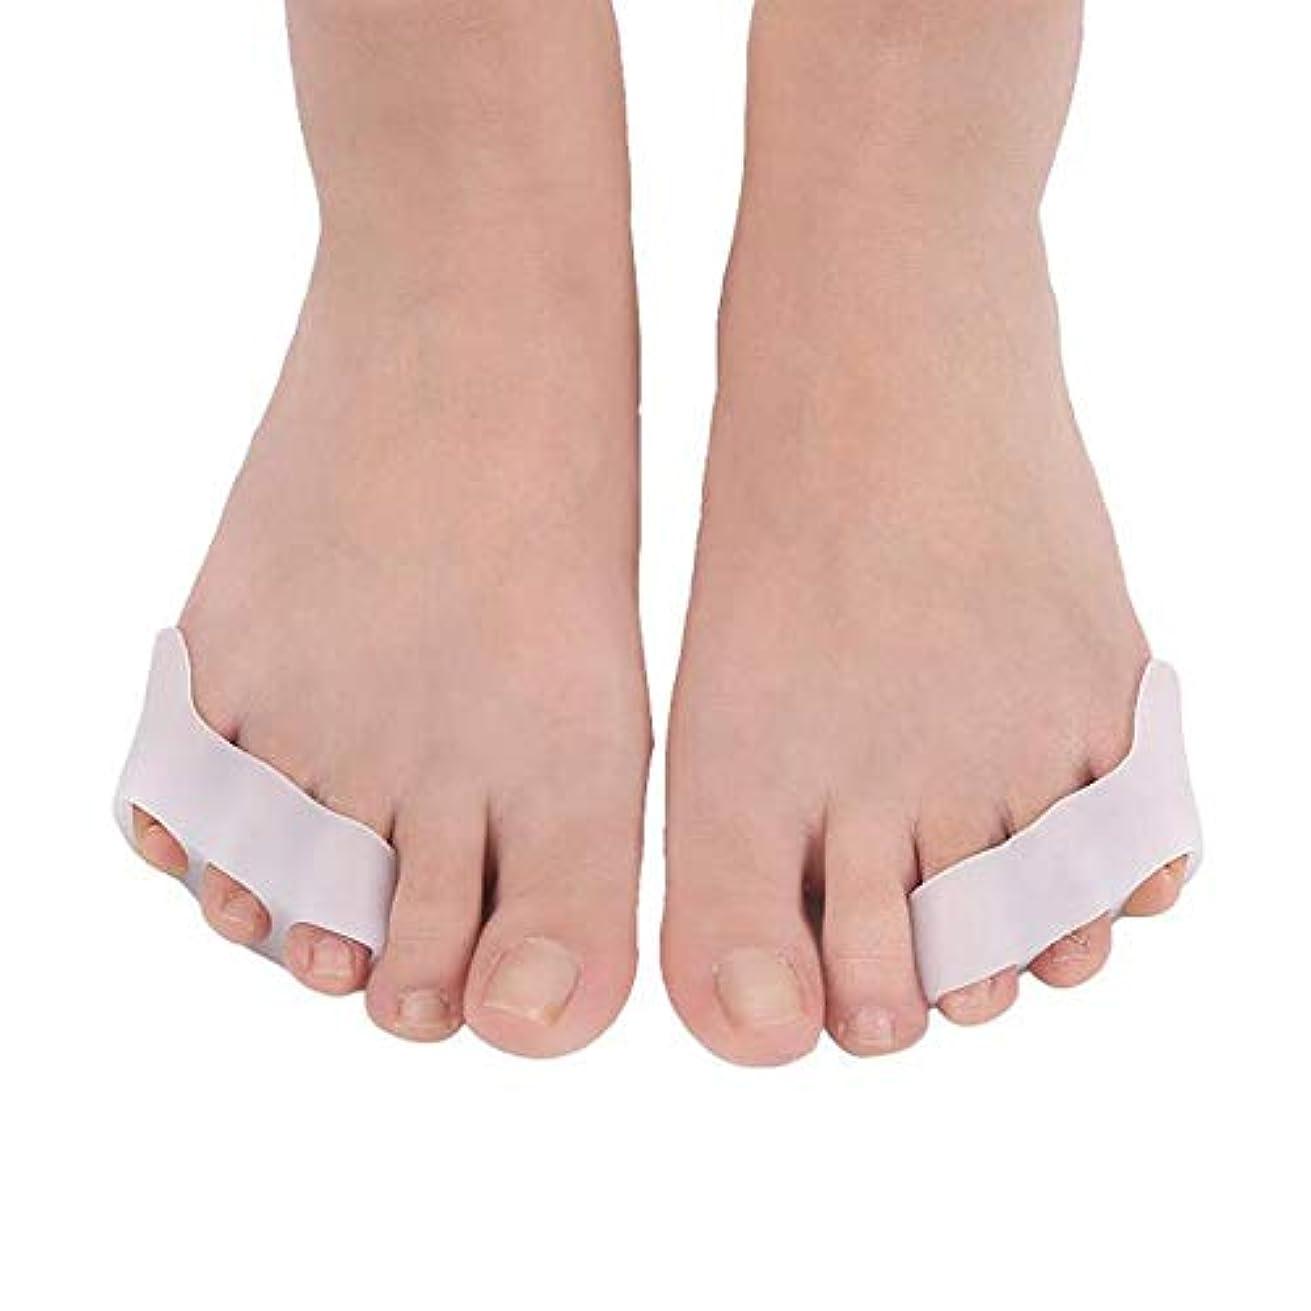 きしむ分布ゆるく2個入り 足指セパレーター足指サポーター 指間広げる ジェルネイル ペディキュア 外反母趾パッド 内反小趾 足指全開対策 3本指 ヨガ